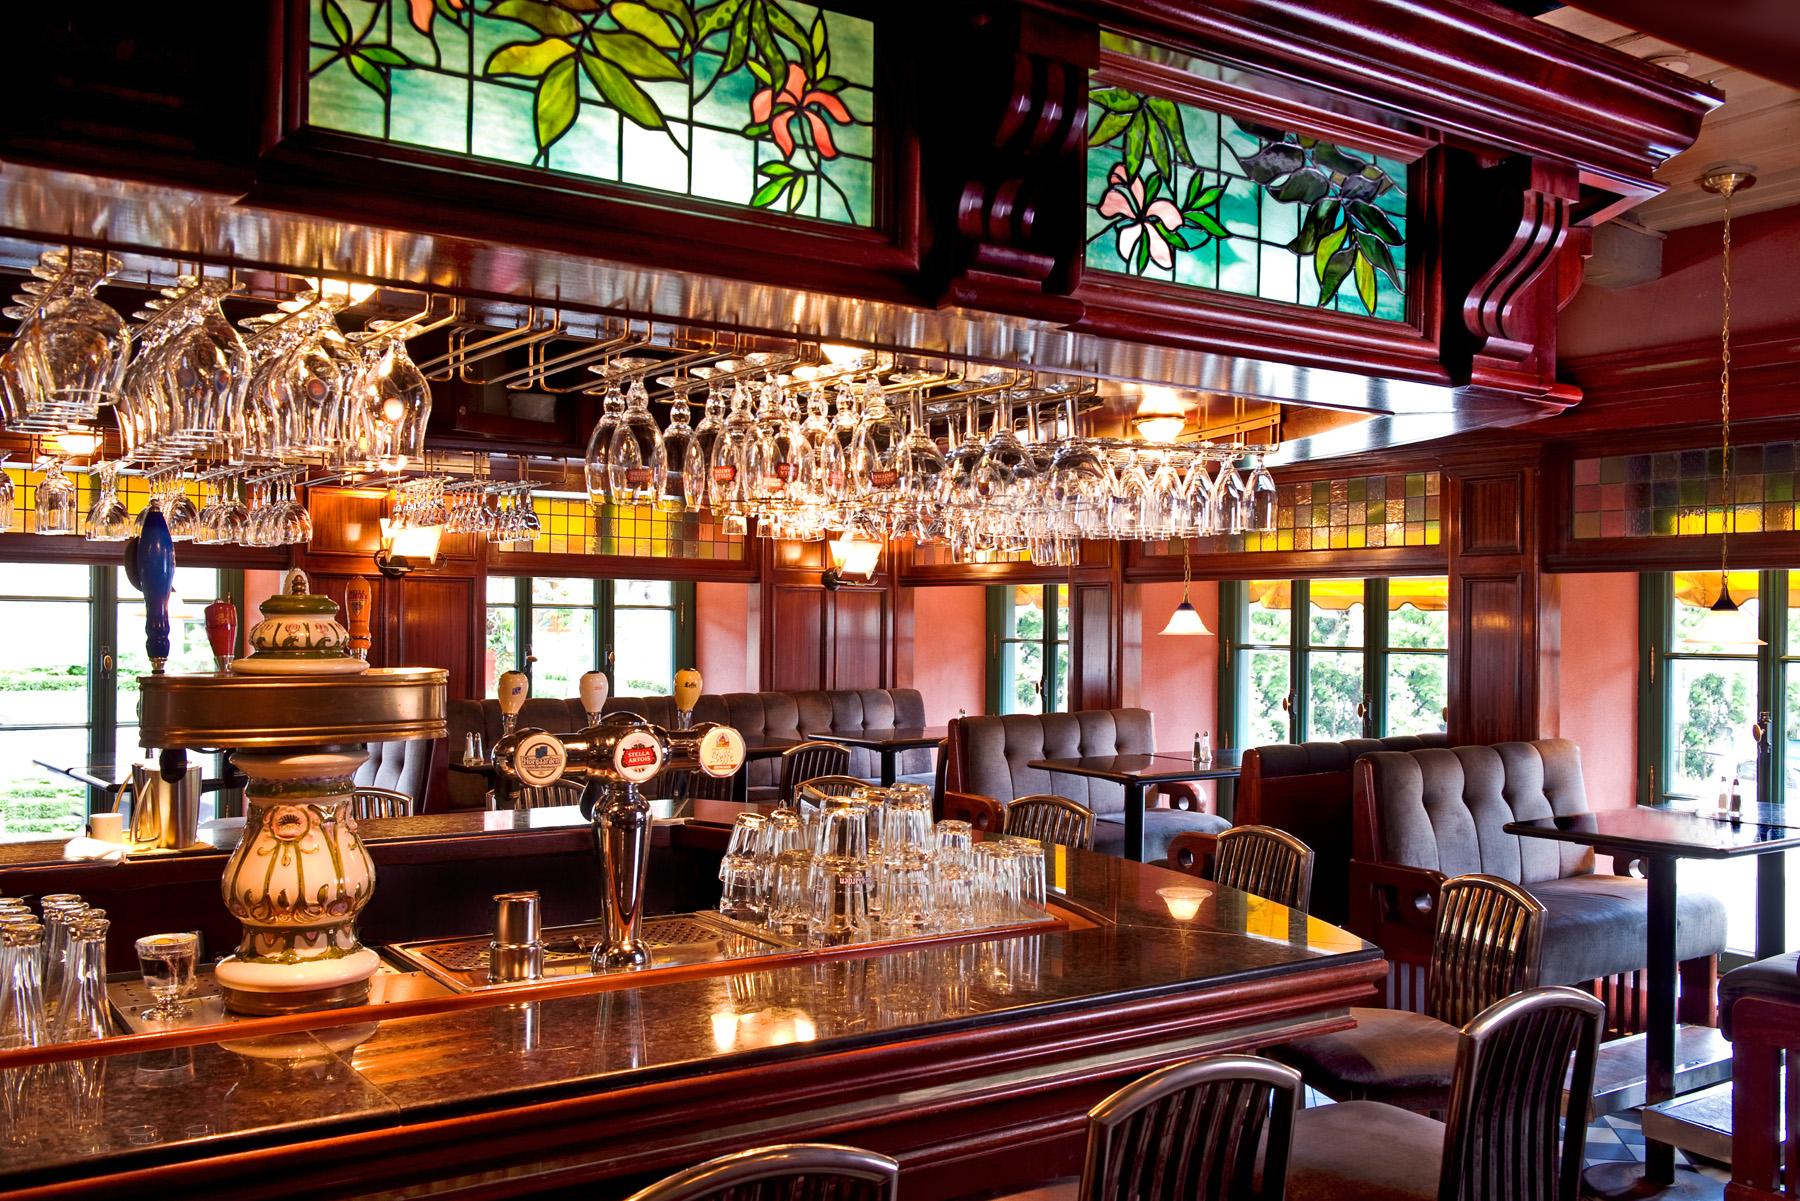 D'Orsay Restaurant-Pub Quebec (418)694-1582